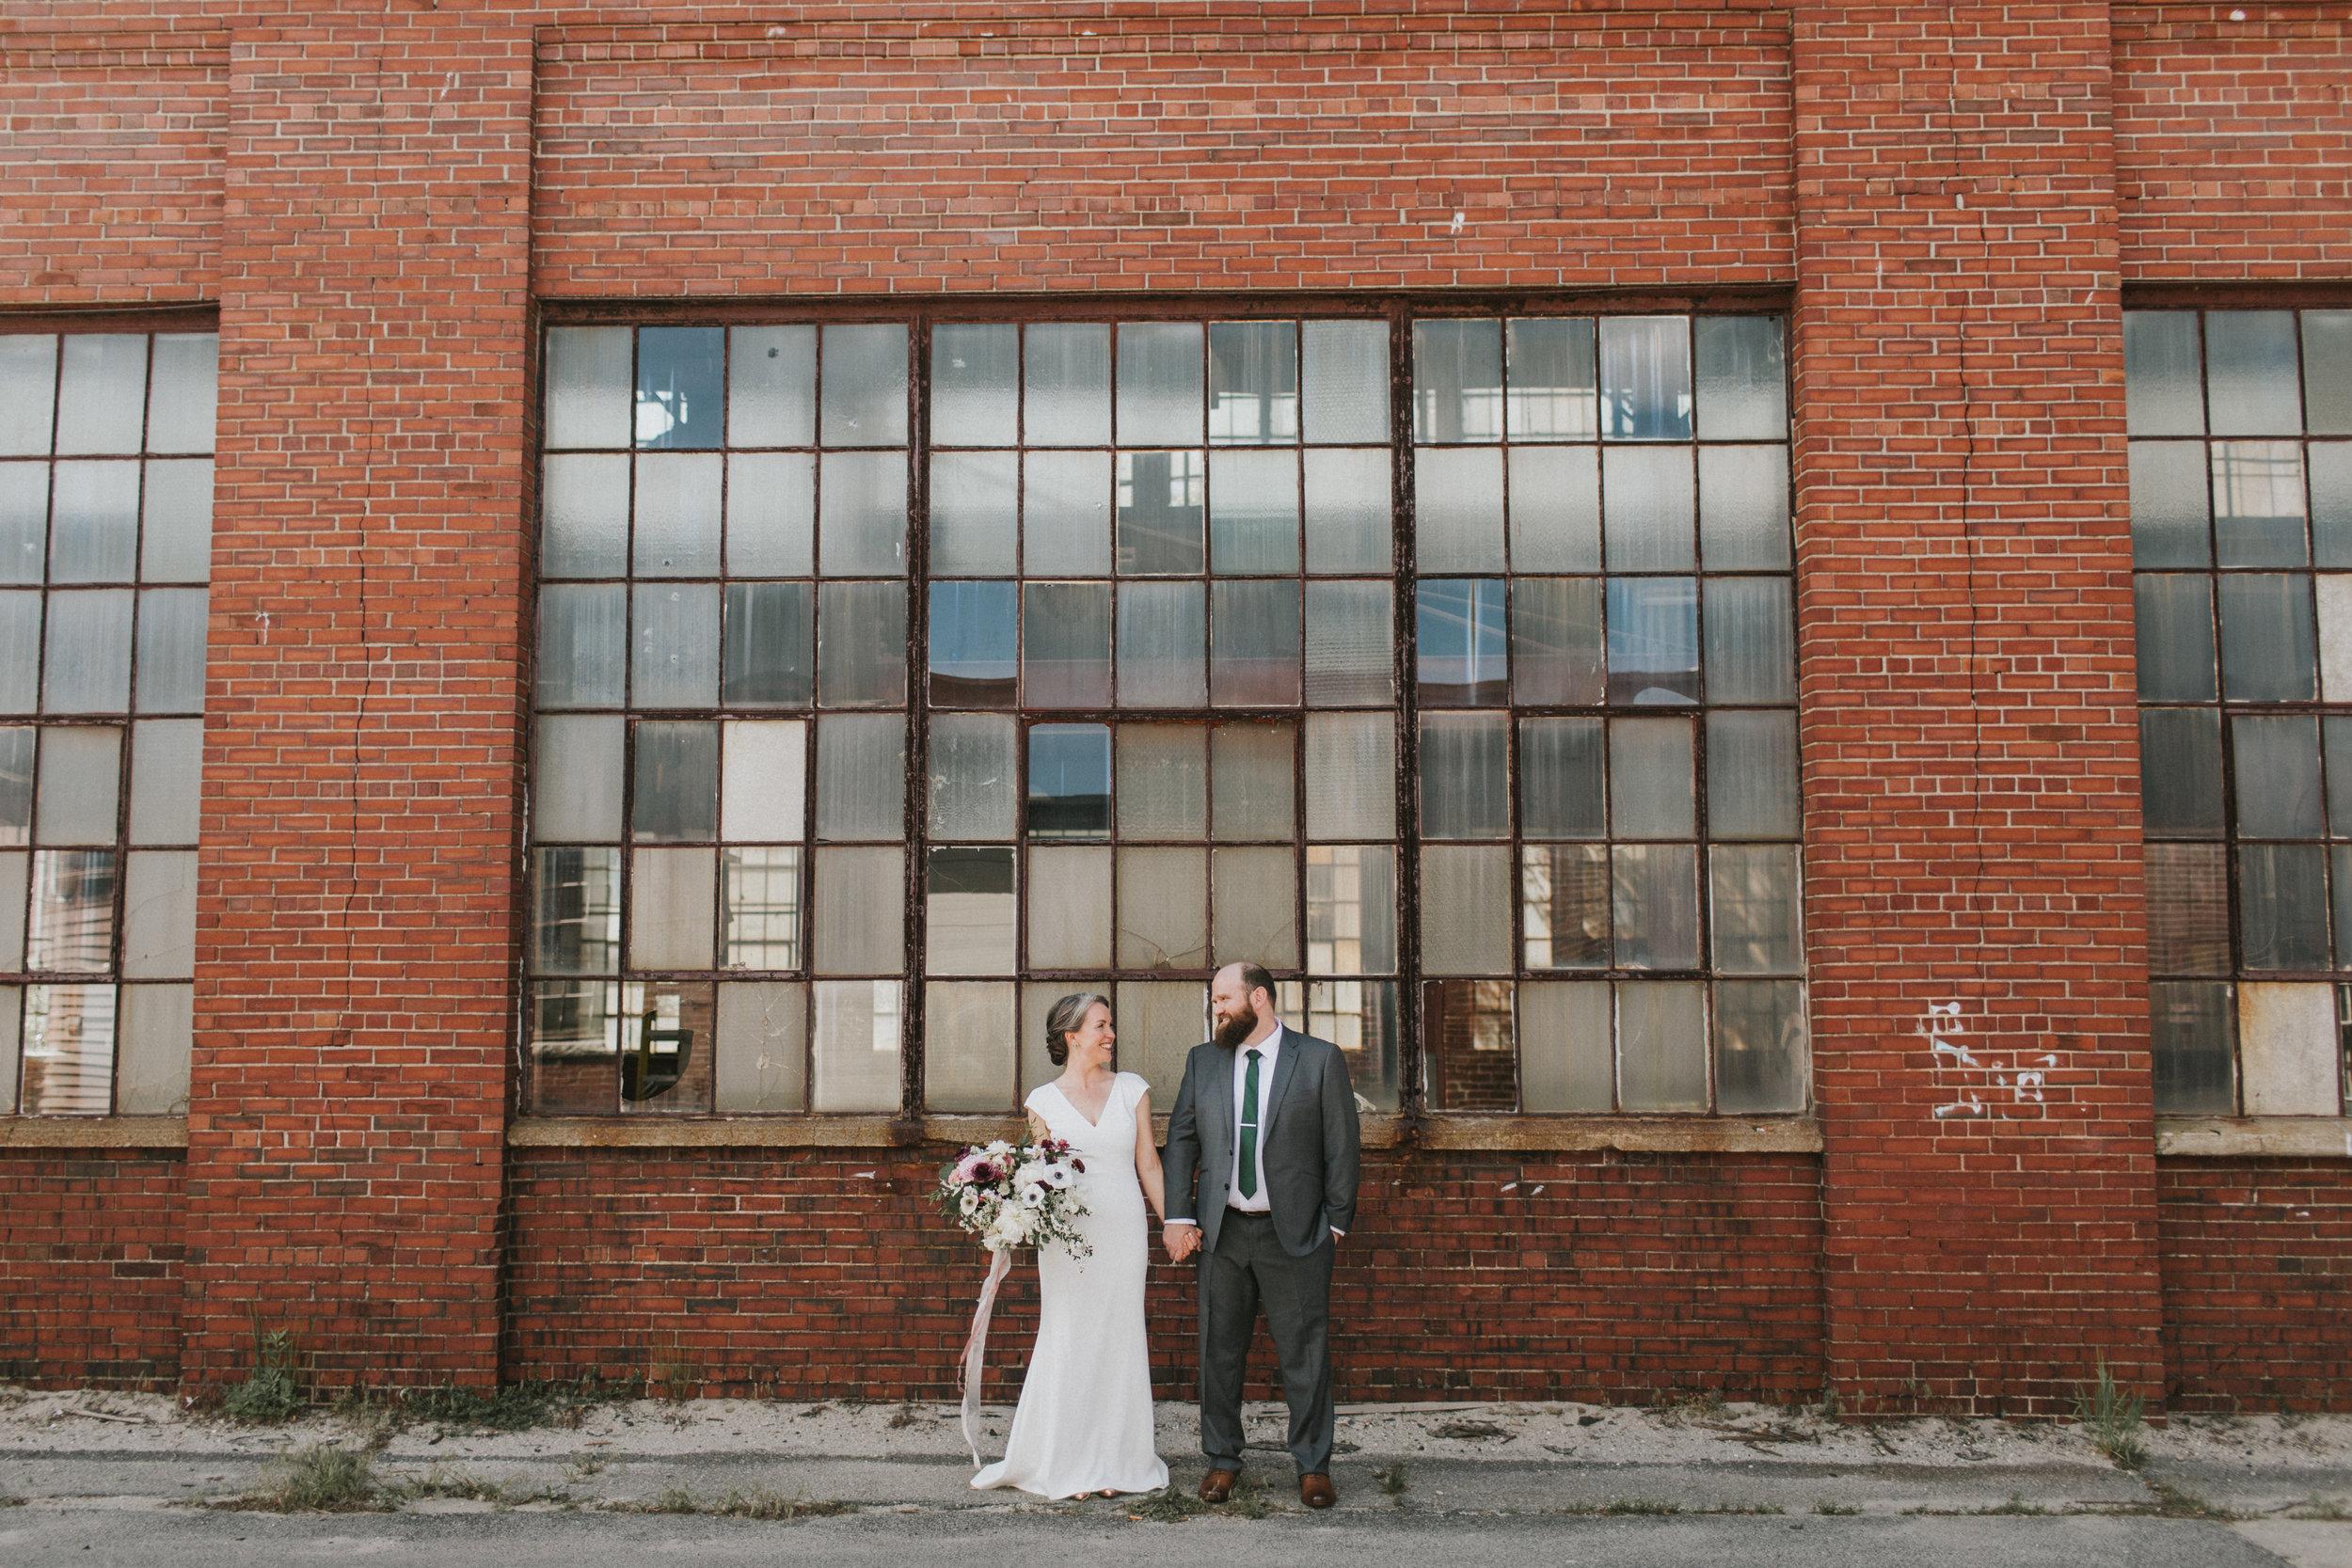 Watershed_Floral_Maine_Wedding_Florist_105.jpg